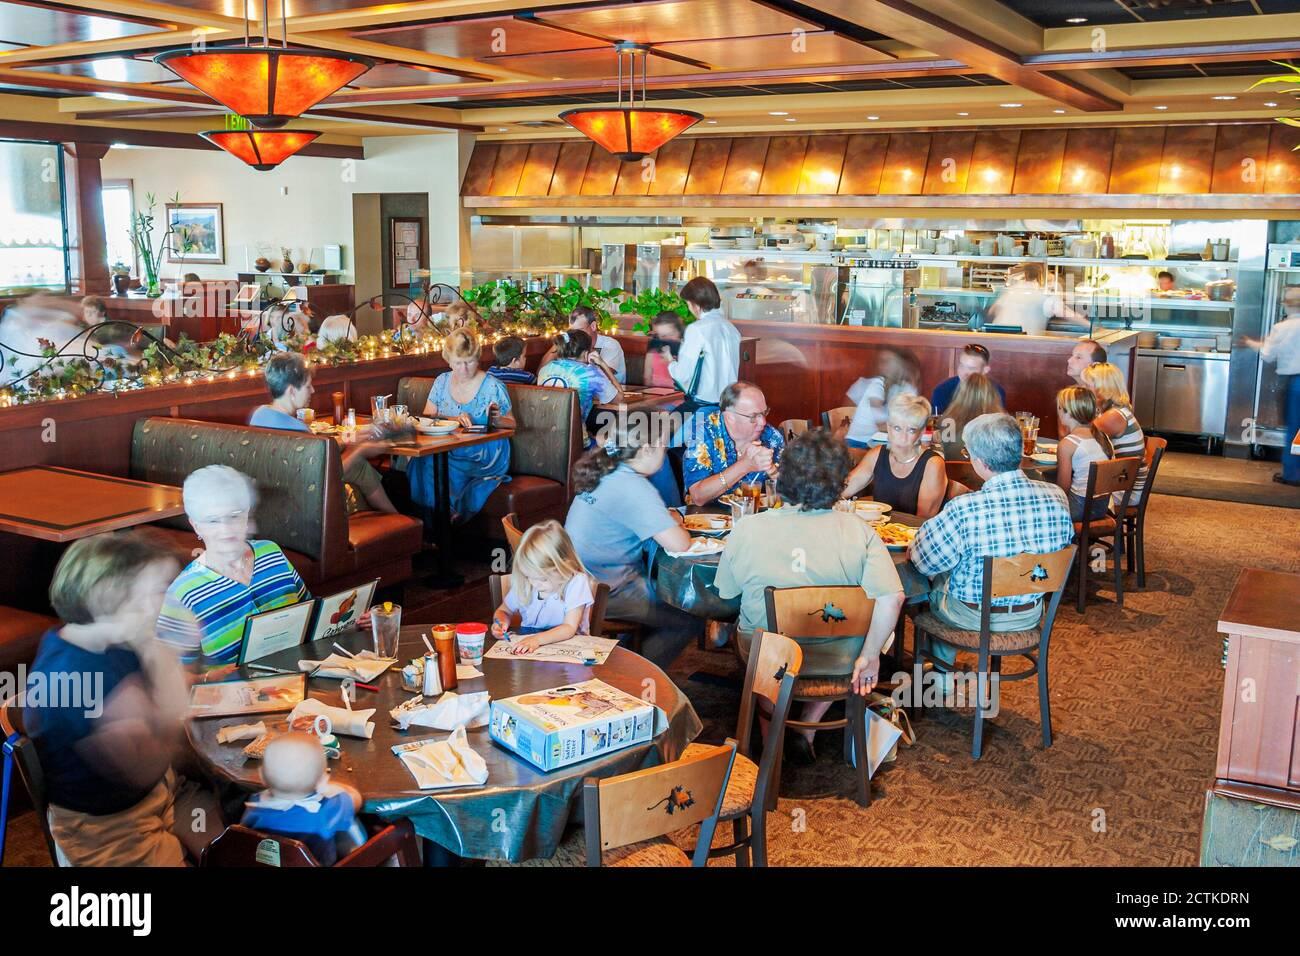 Tennessee Sevierville Conner's Restaurant, dîner dans une ambiance décontractée intérieur familles tables, Américains, Banque D'Images